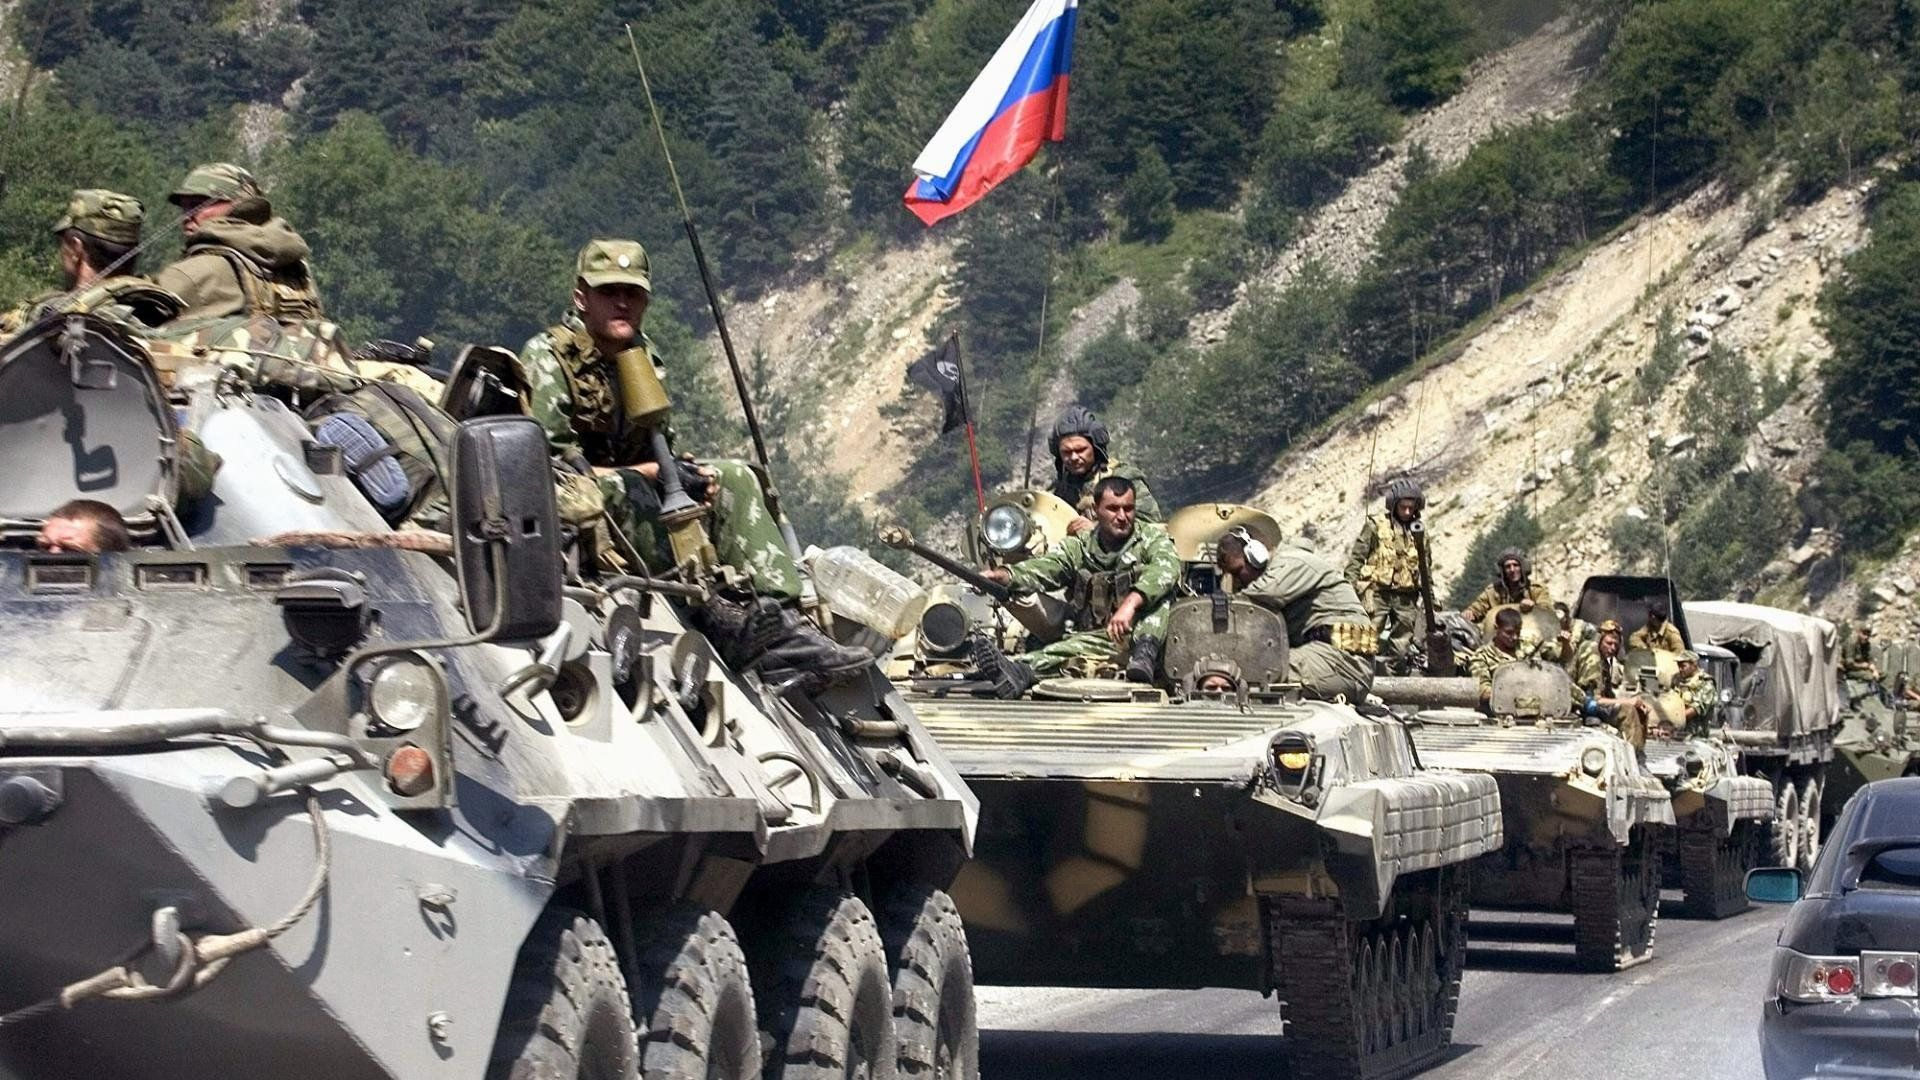 Колонна бронетехники, Южная Осетия